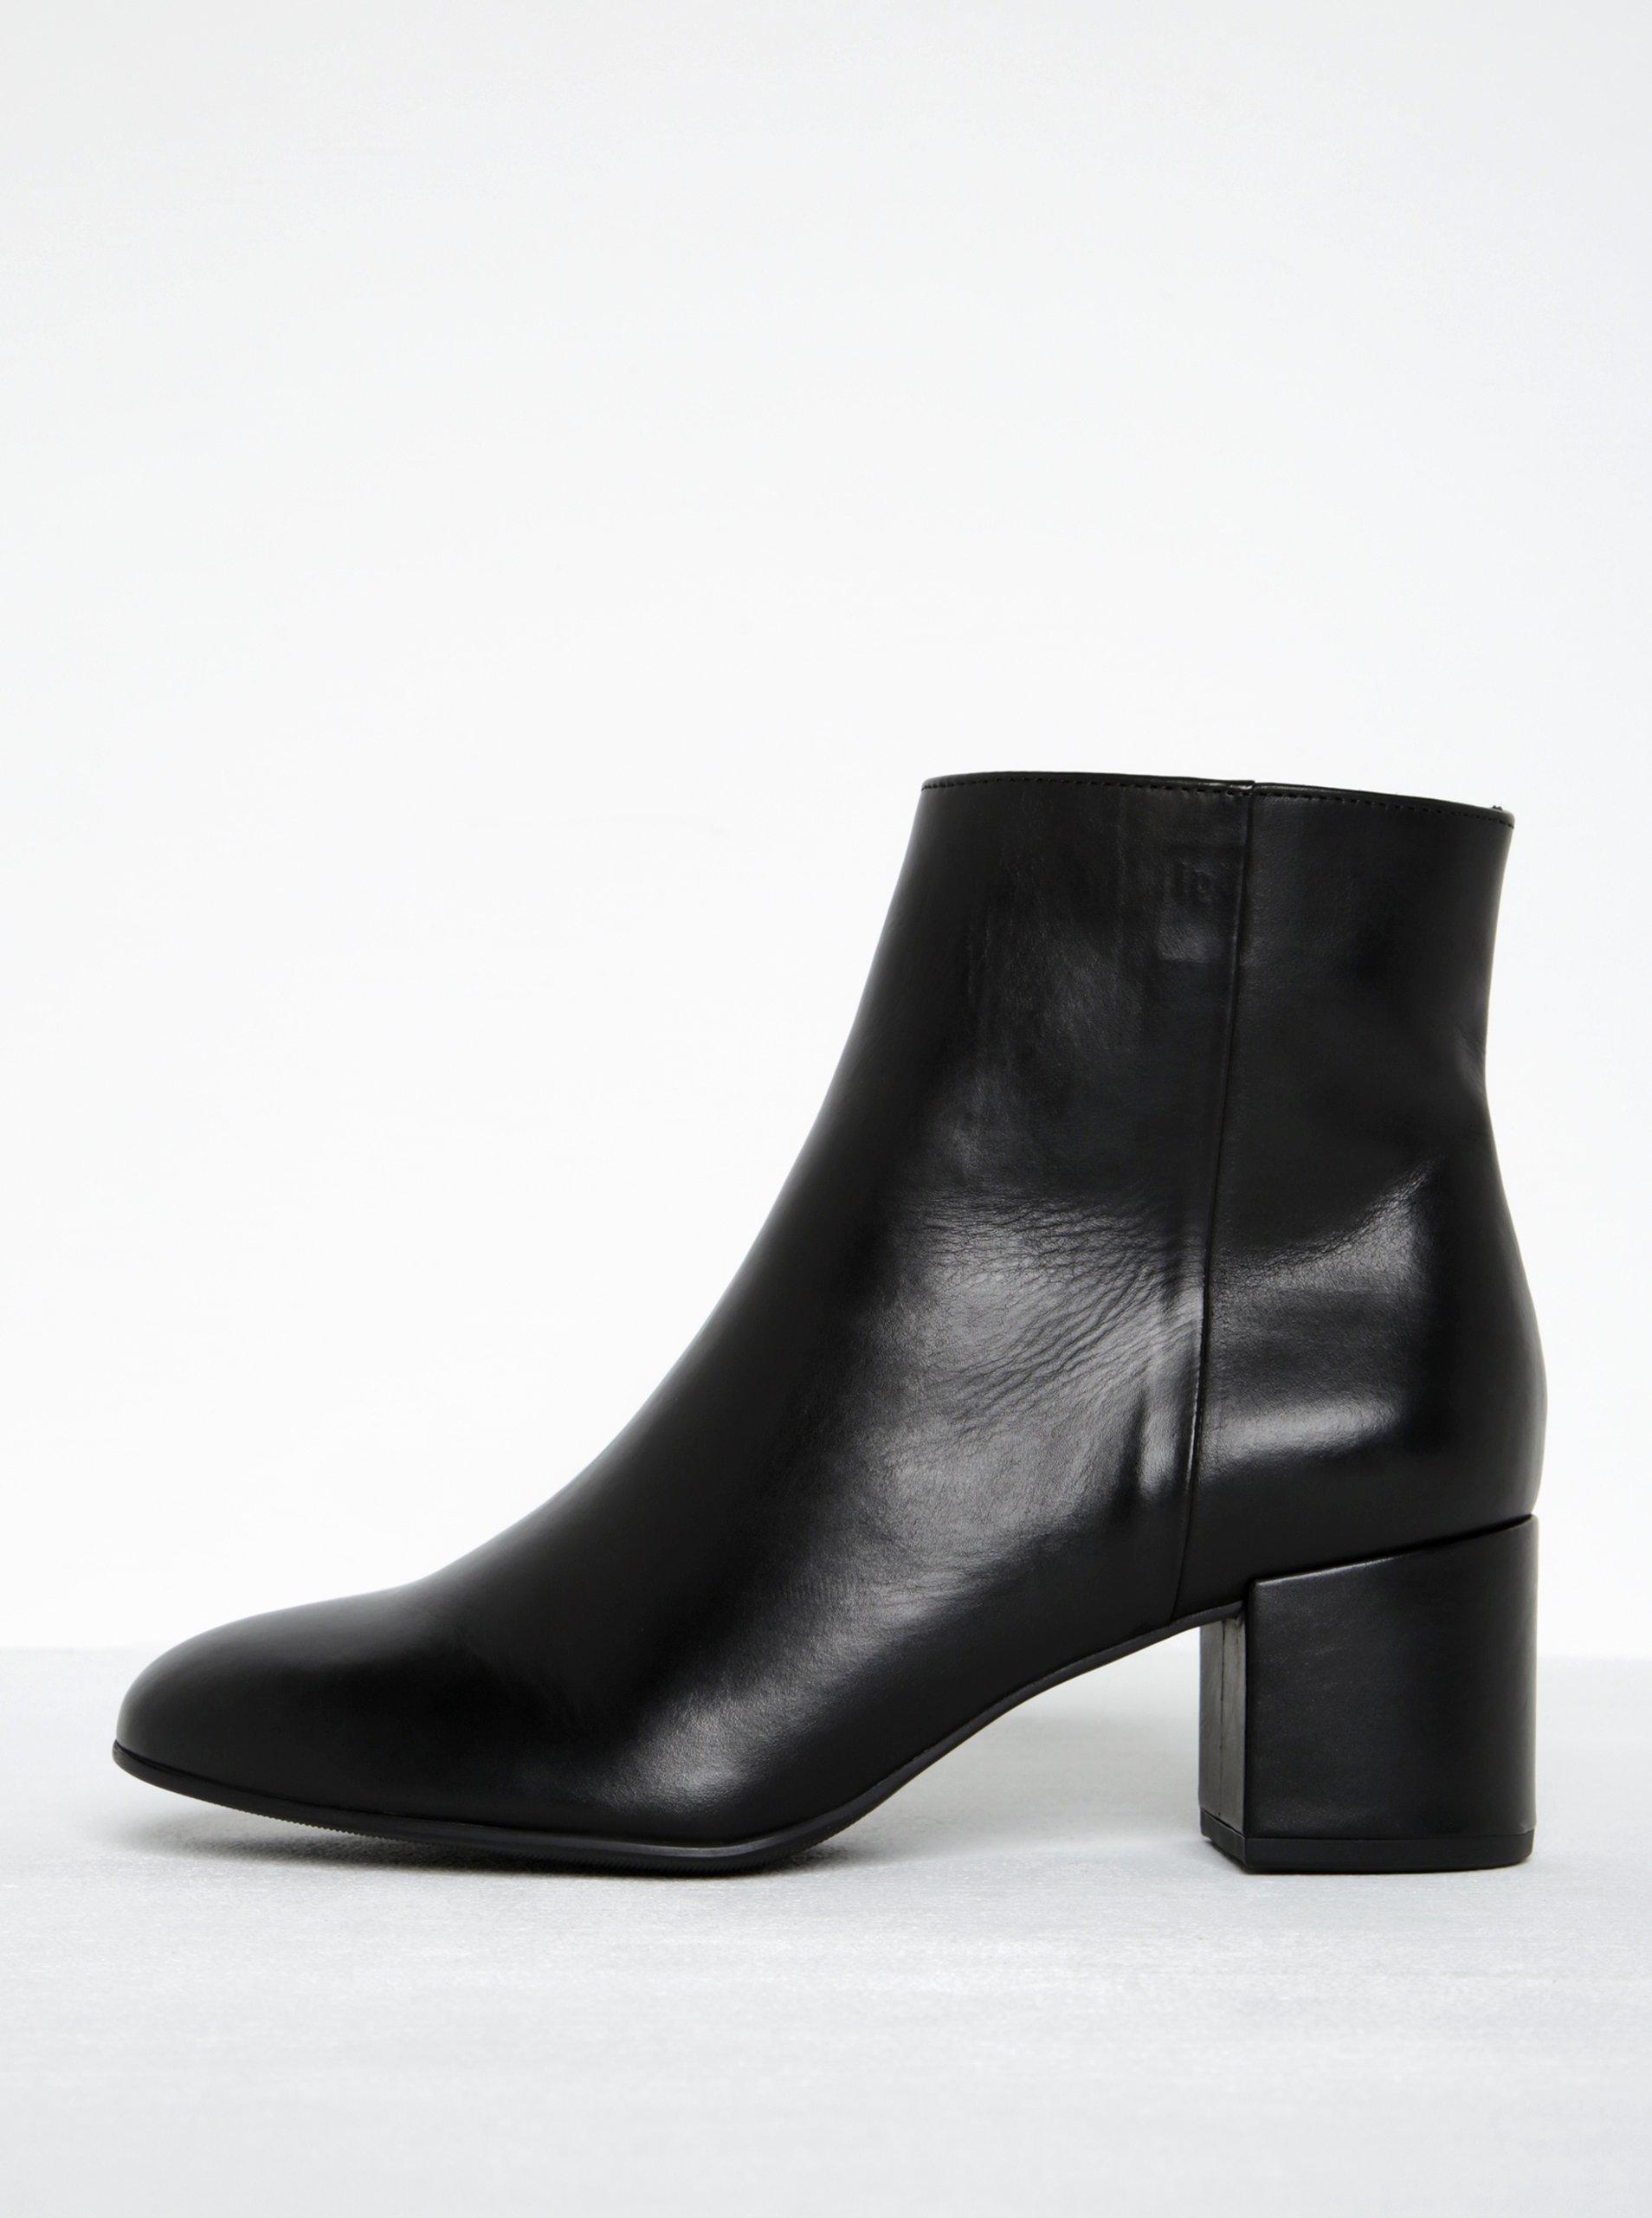 Čierne kožené členkové topánky na podpätku Högl  ec1e2a54461